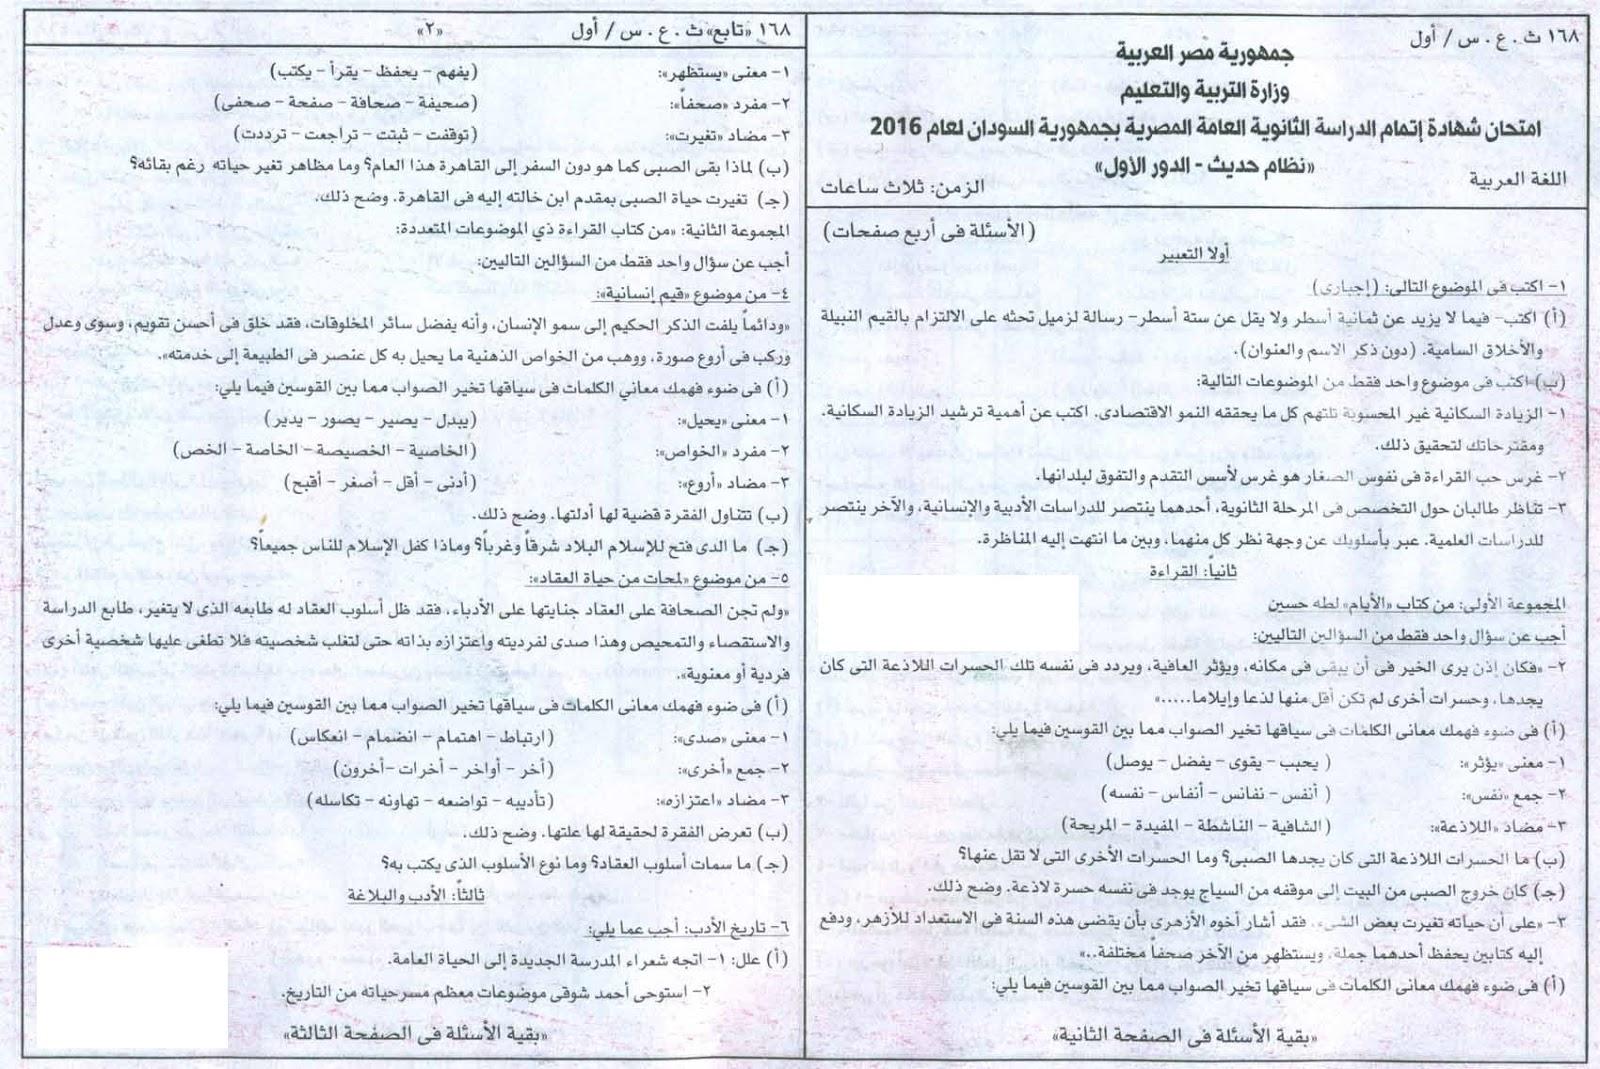 إجابة وإمتحان السودان في اللغة العربية كاملا بصورة واضحة عام 2016